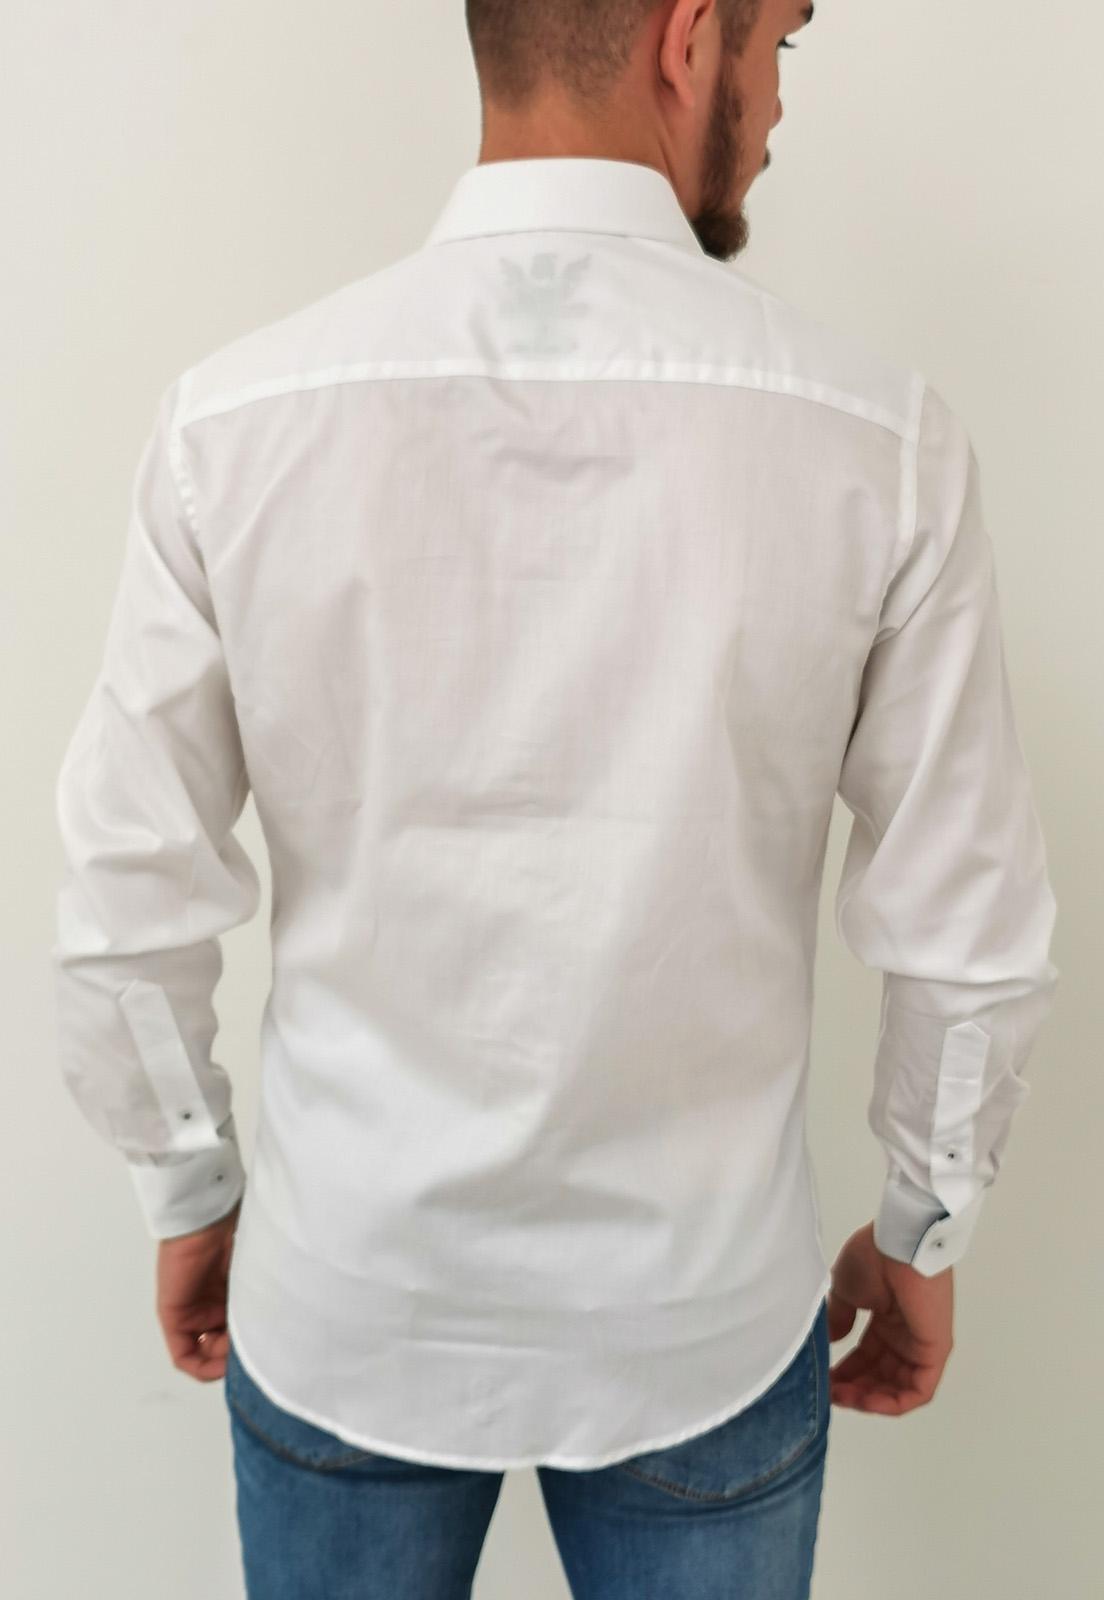 Camisa Manga Longa Baumgarten Branco Algodão Pima